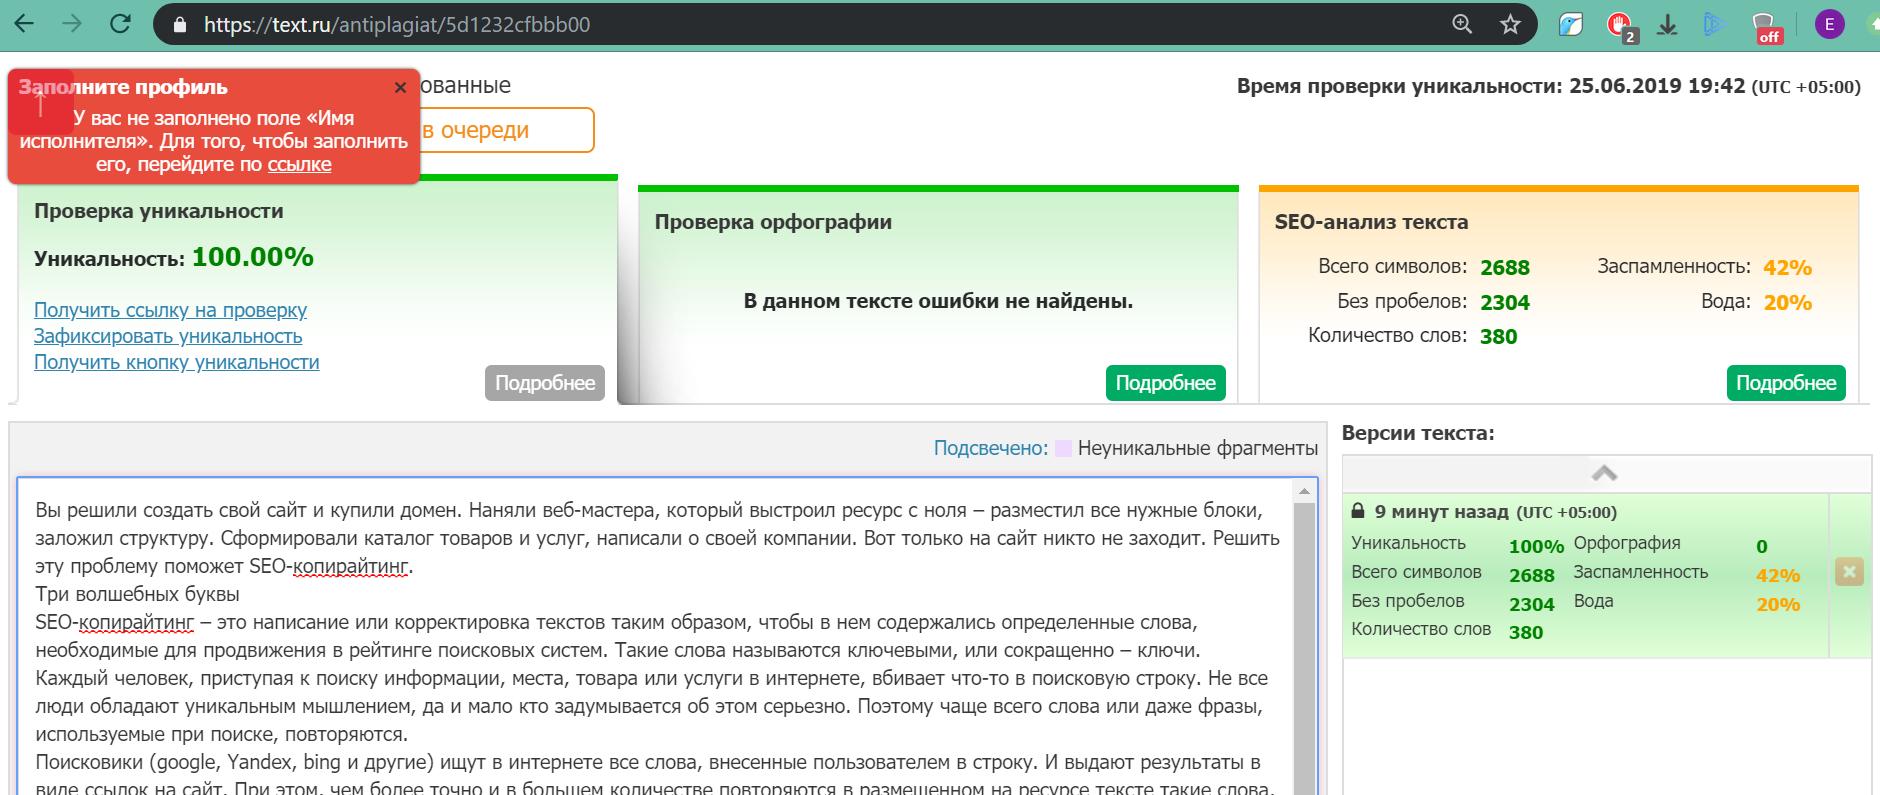 Скрин проверки текста в сервисе Текст.ру